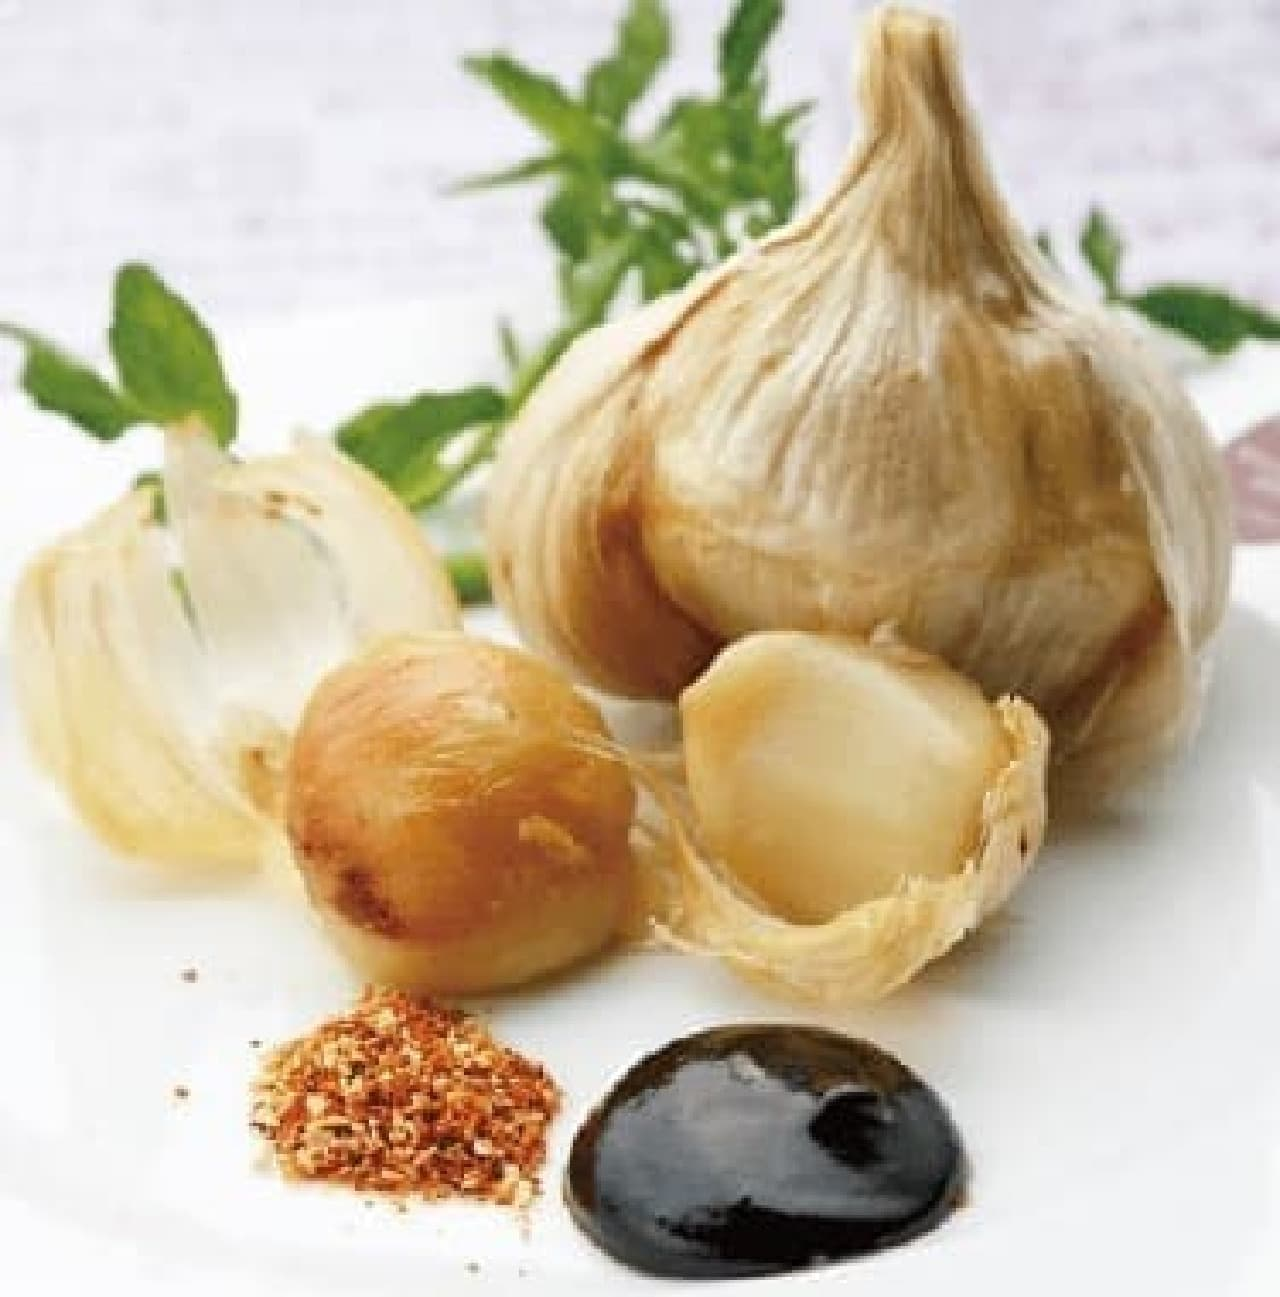 はじめの一っぽ「青森県産 福地ホワイト六片 にんにくの丸揚げ」